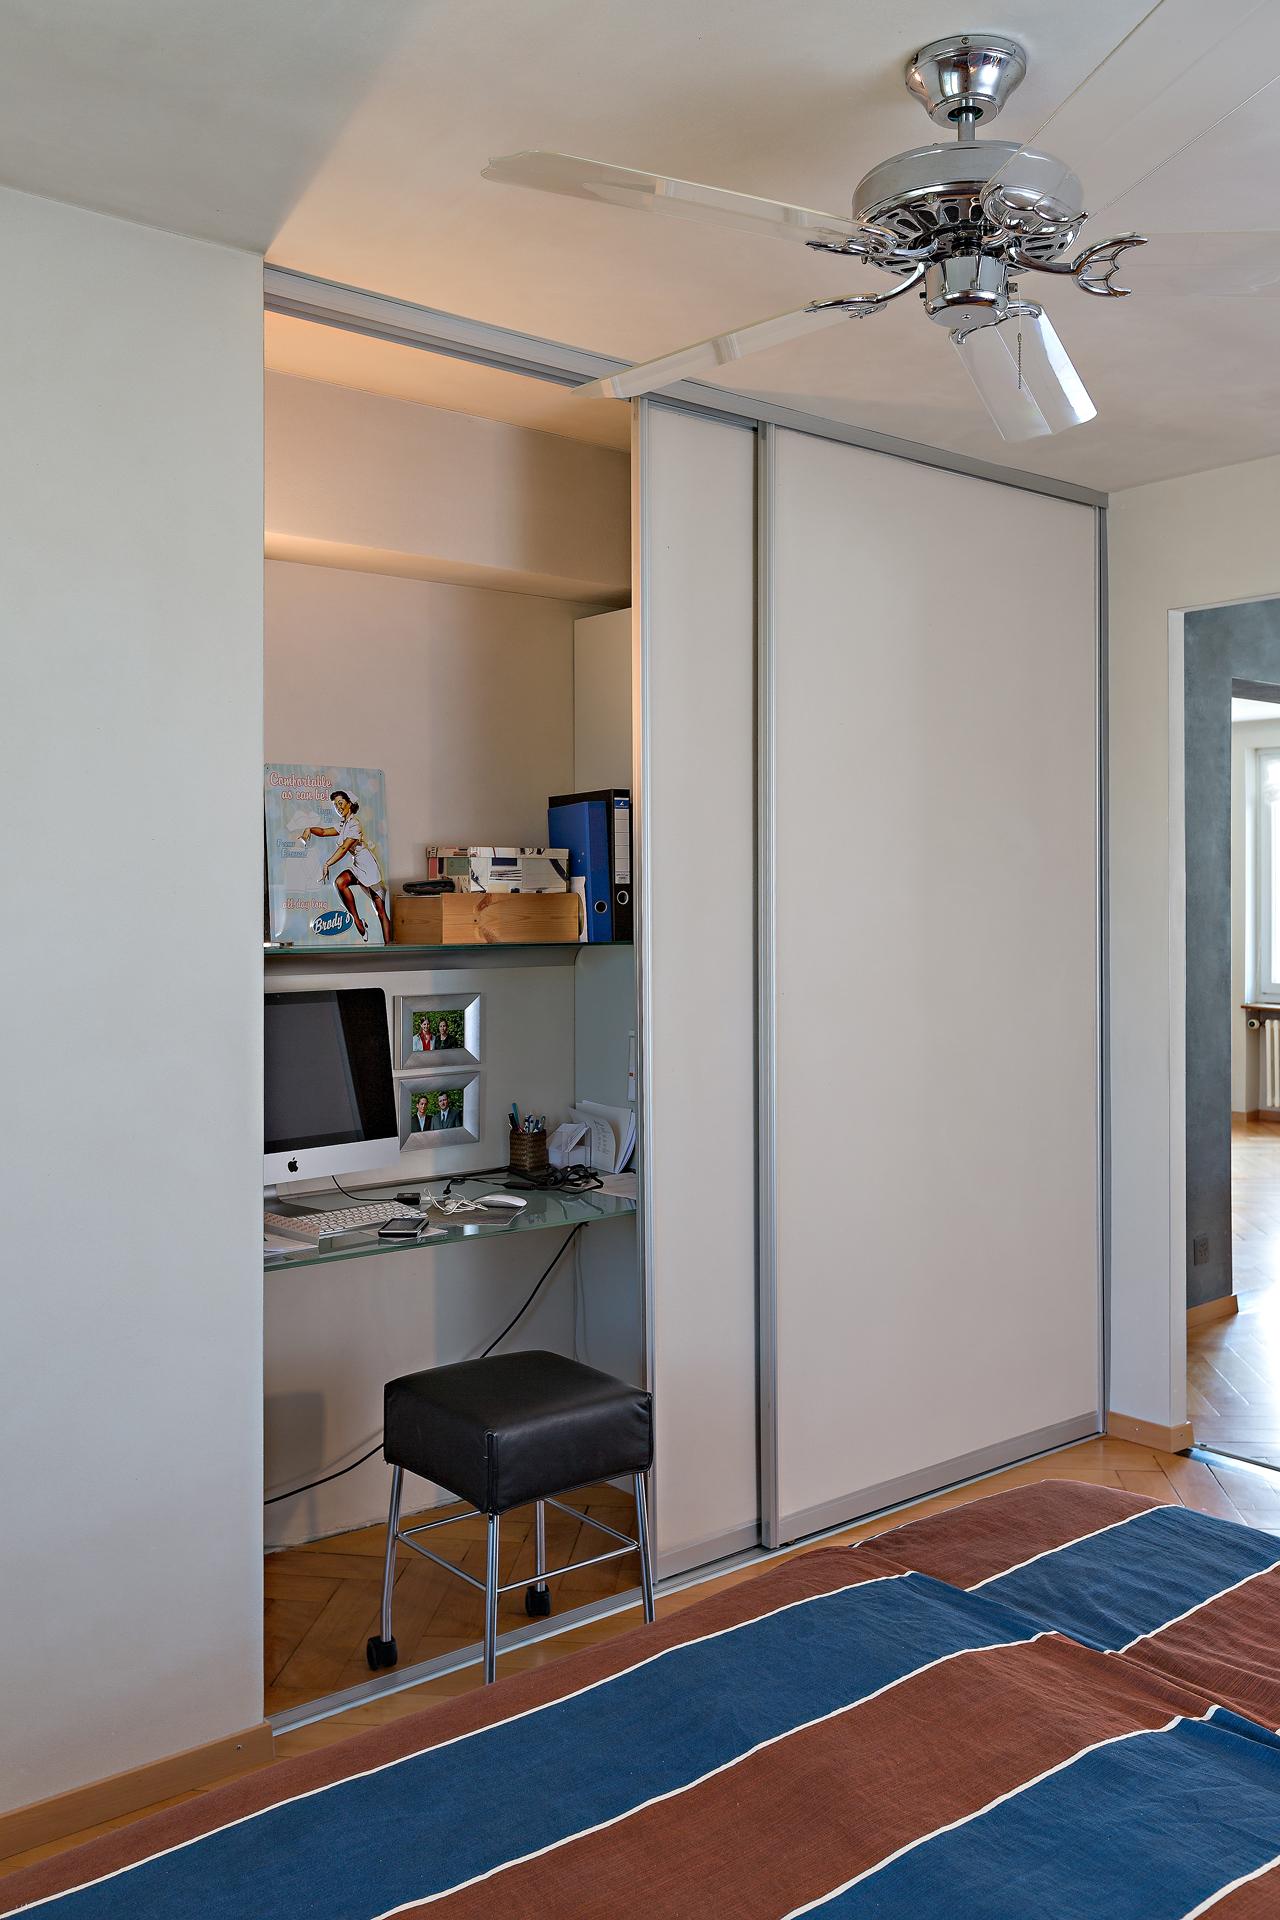 Schreibtisch im schrank verstecken for Schreibtisch vor heizung